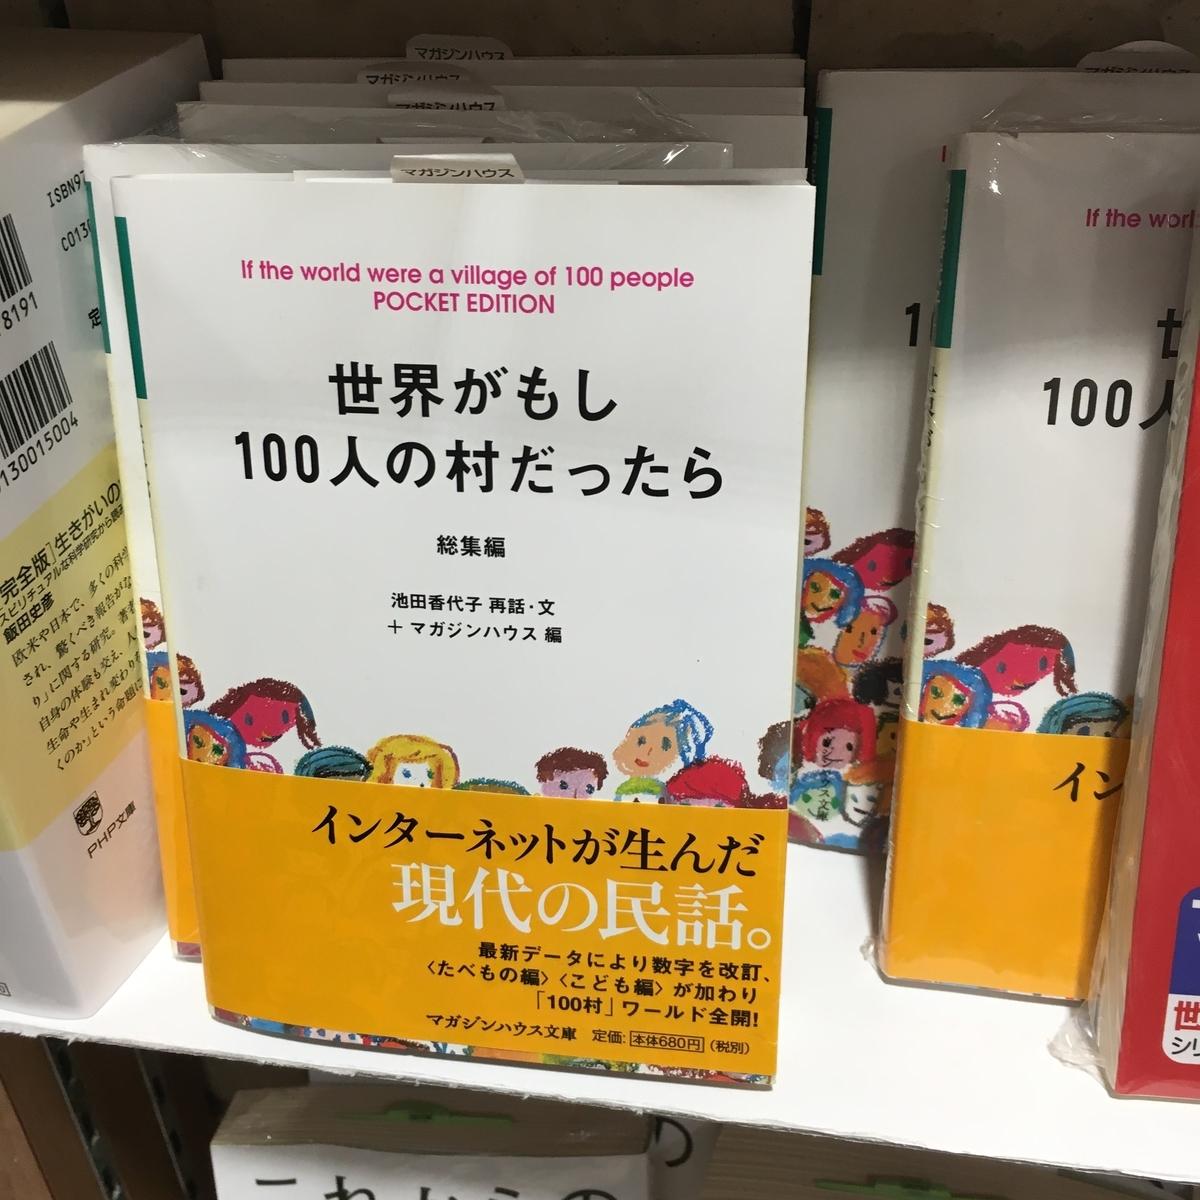 f:id:Yoichi045:20190506025626j:plain